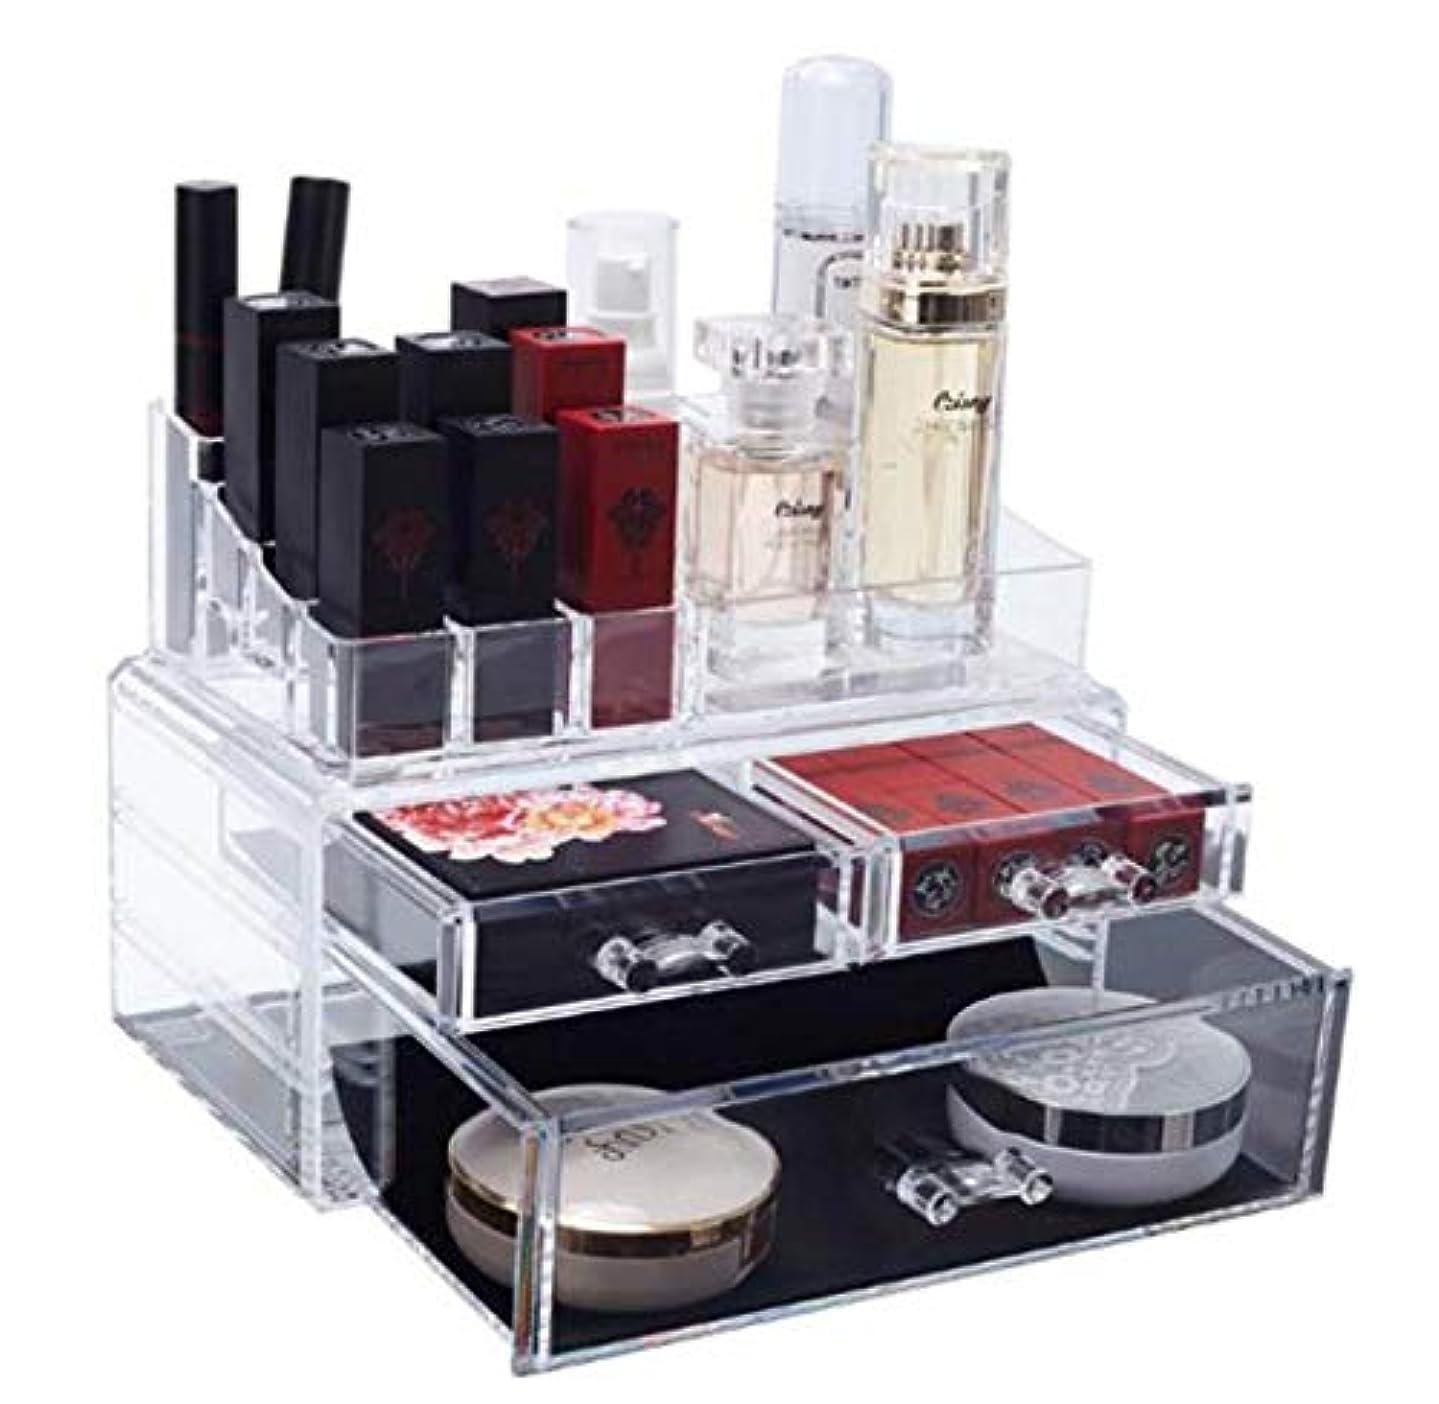 休日に画像強風化粧品収納ボックス メイク収納ケース コスメ 収納ボックス 大容量 高透明度 引き出し アクセサリー/化粧品入れ 耐久